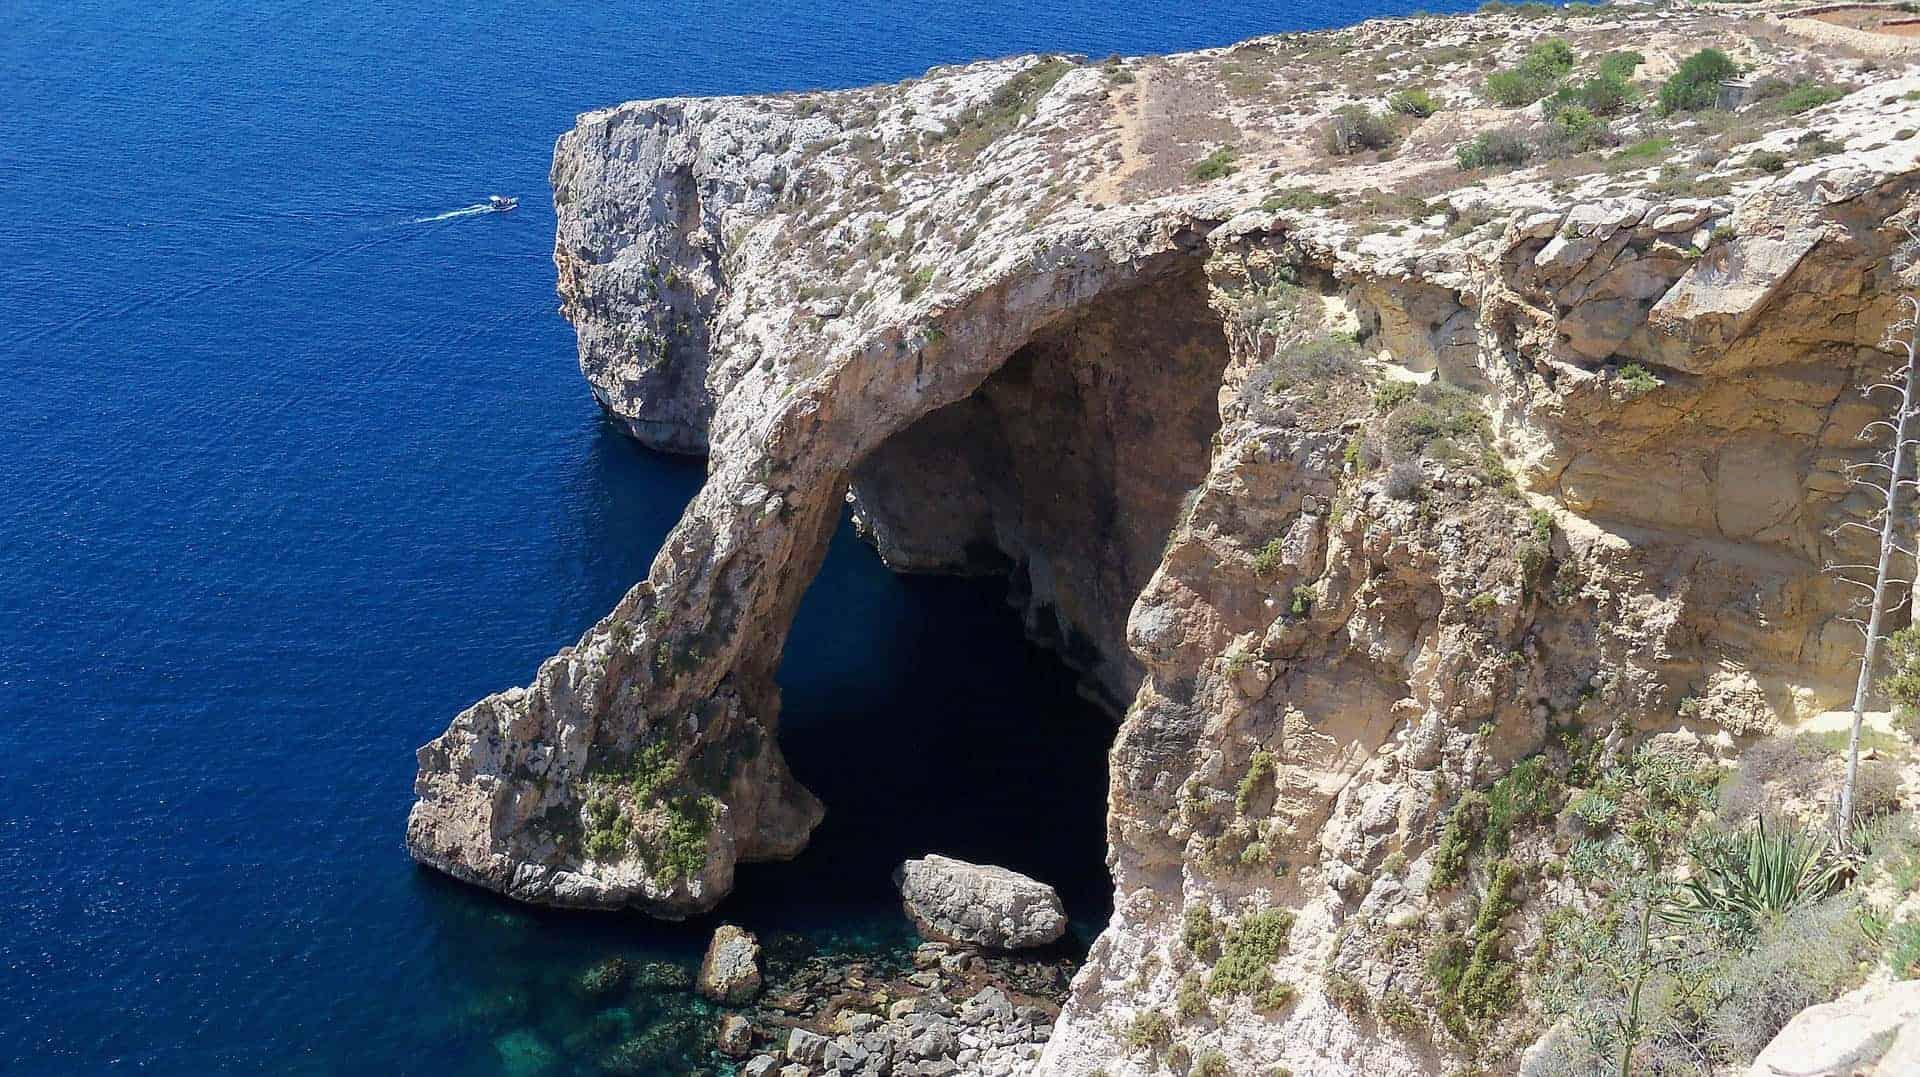 klifowy brzeg Malty